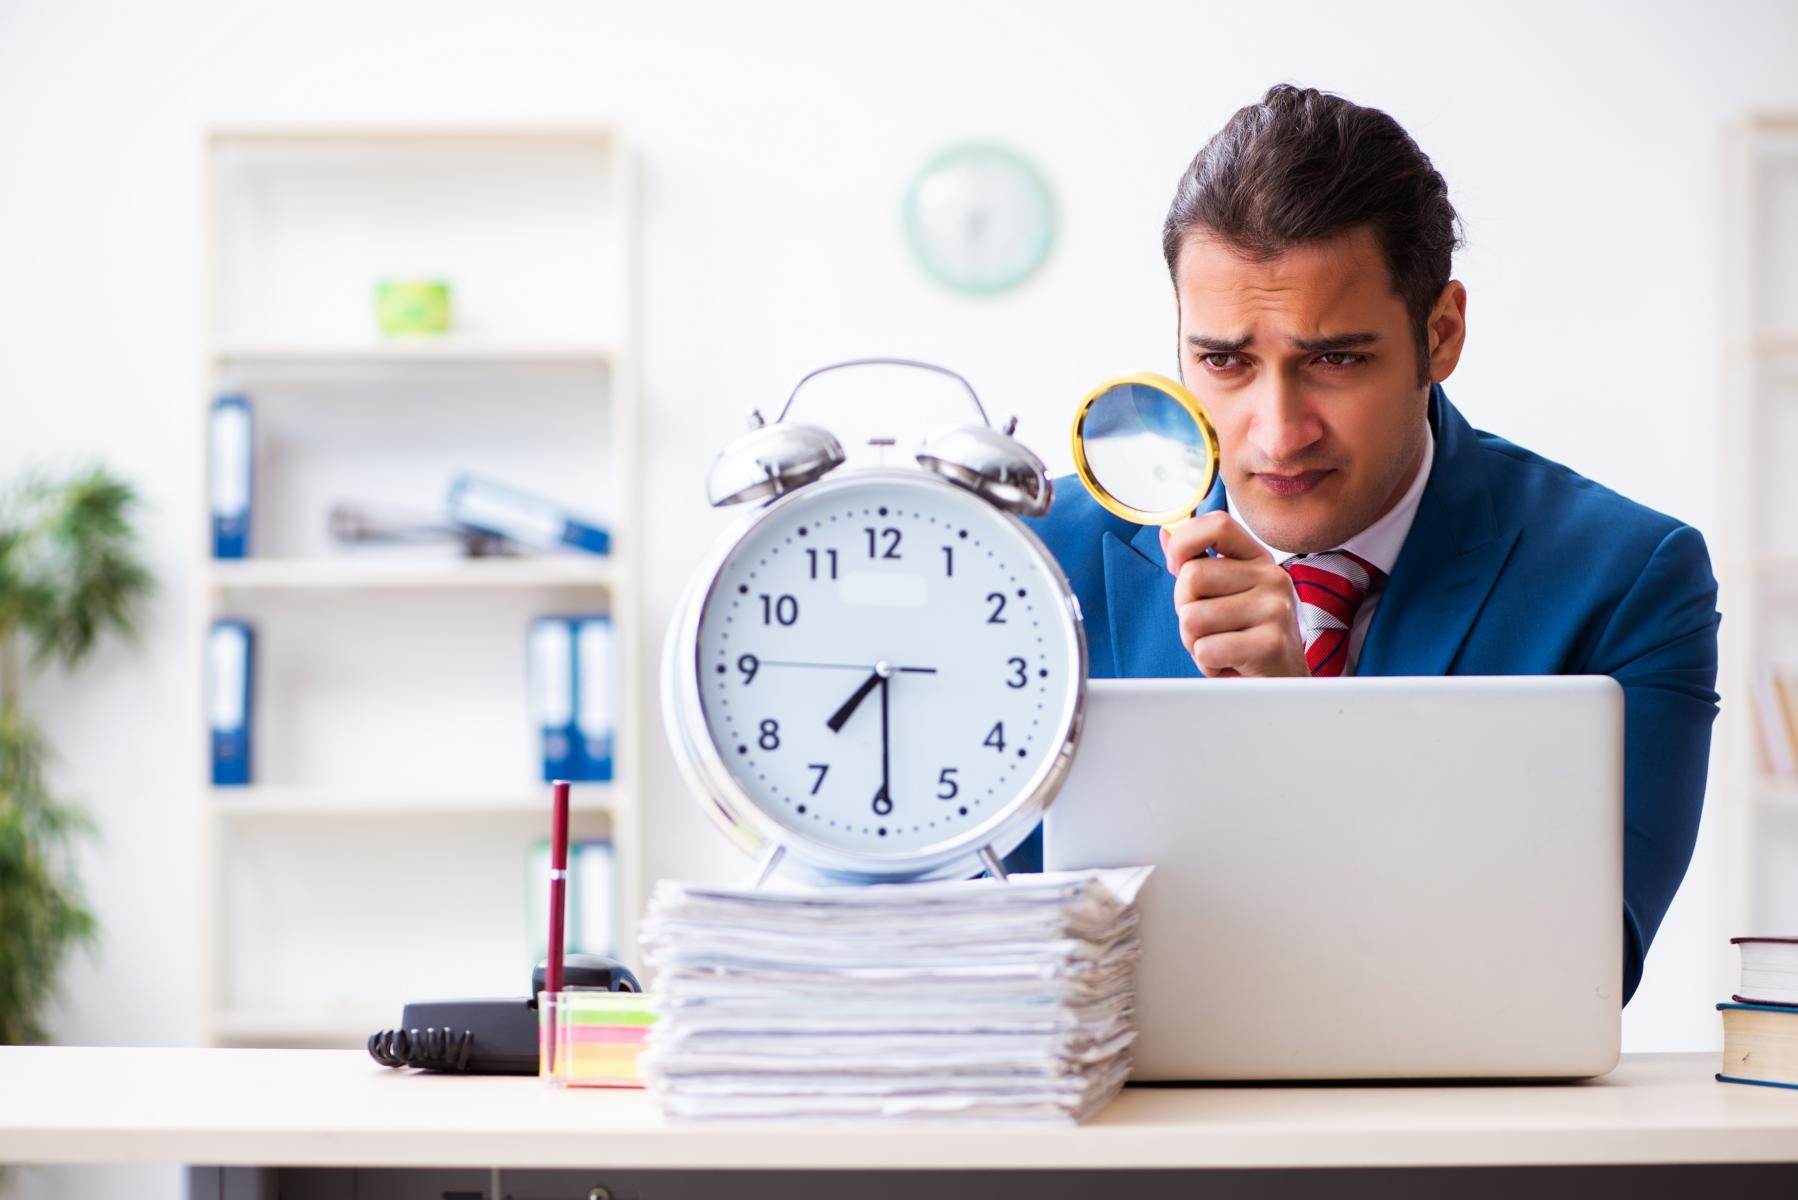 AltText: Arbeitgeber prüft genau, ob ein Arbeitszeitbetrug vorliegt.